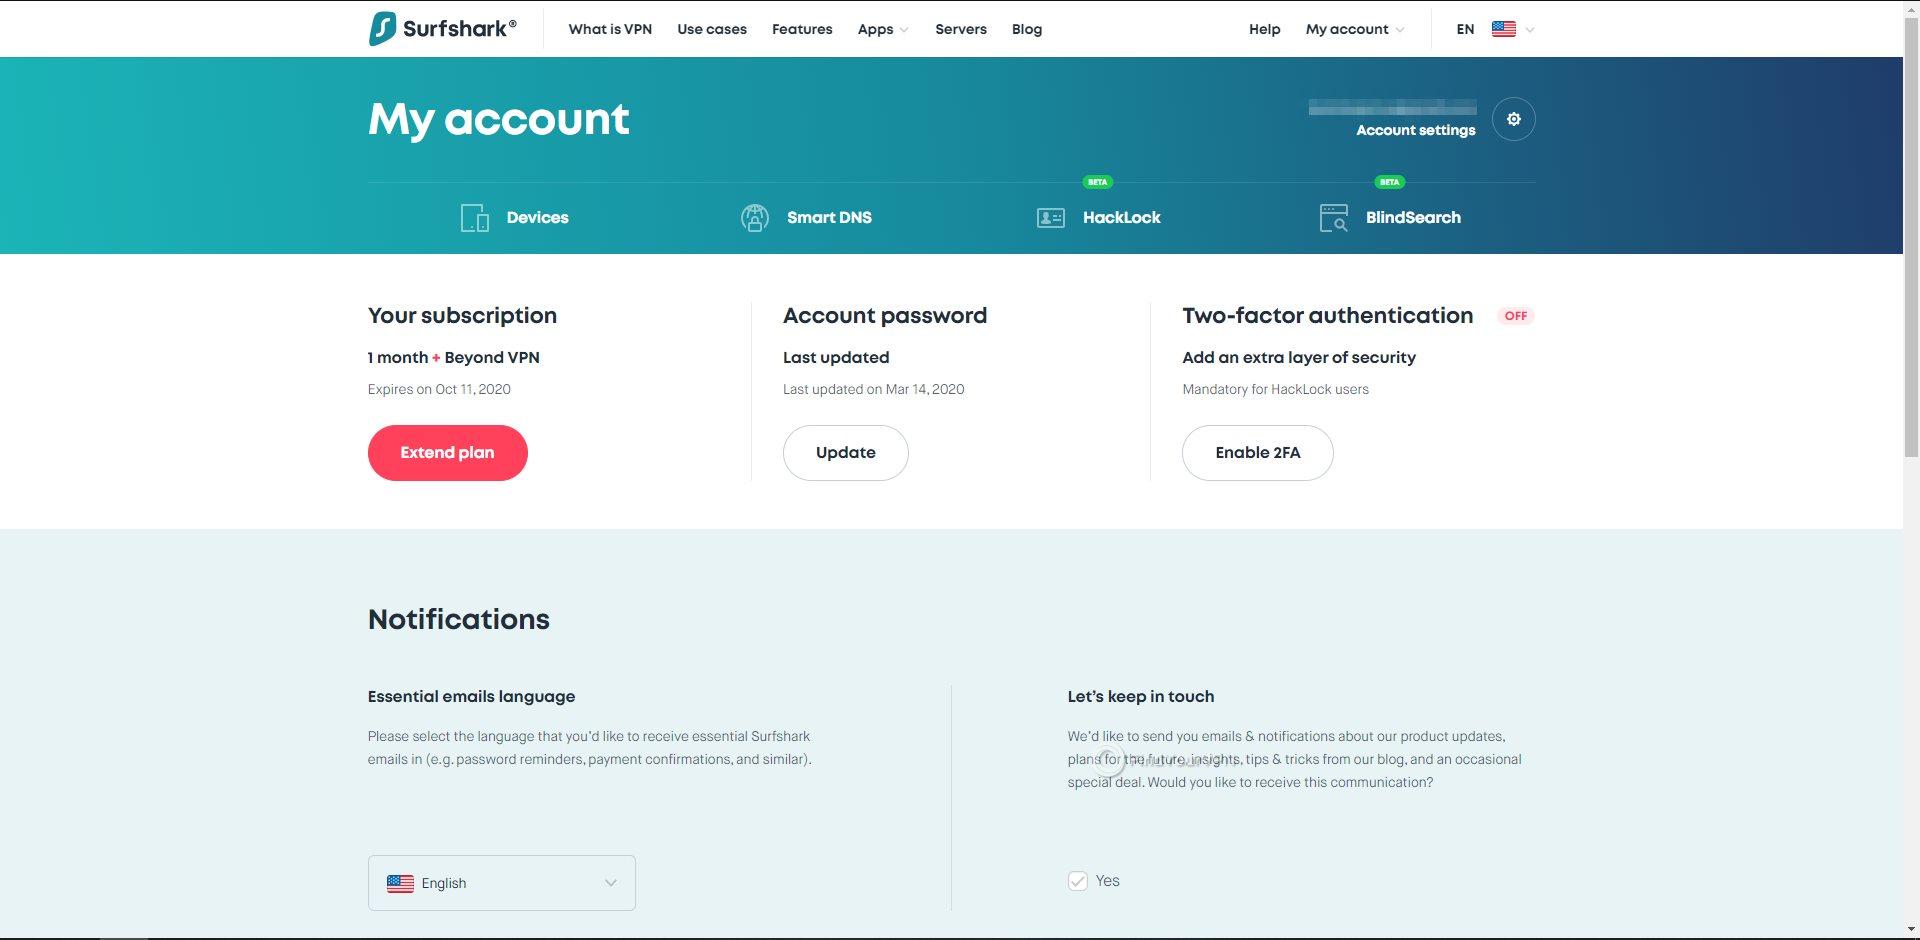 Surfshark Dashboard Main Page